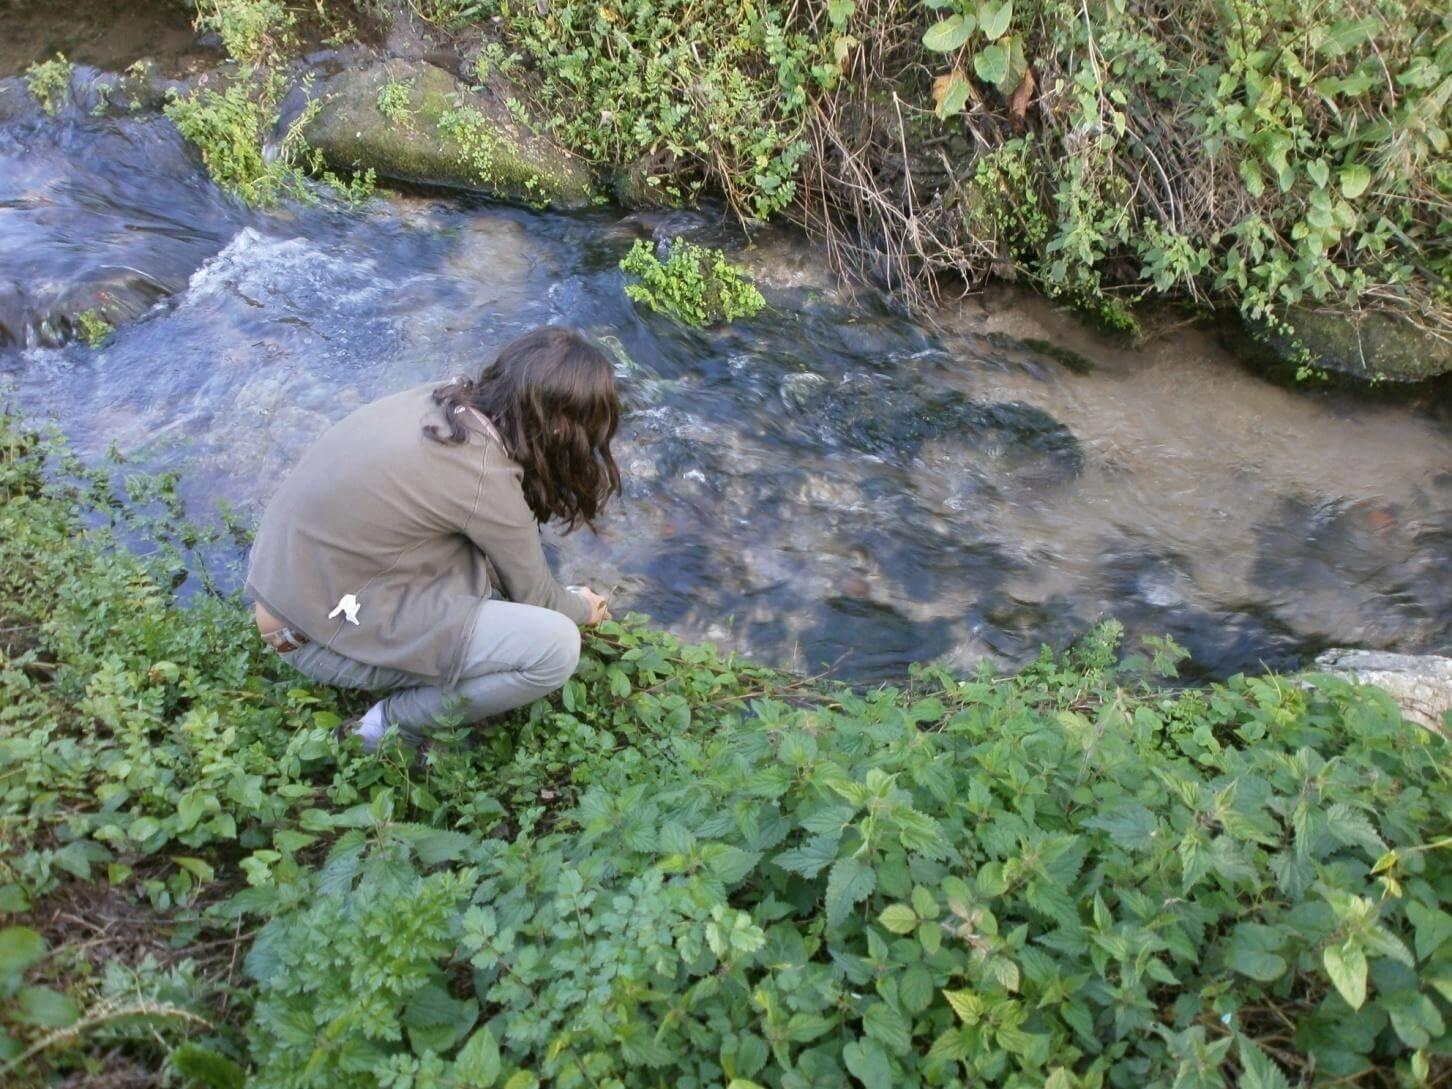 Foto 3 – Fizemos recolha de amostras de água da ribeira de São Martinho para posteriormente analisar o pH e o oxigénio dissolvido.